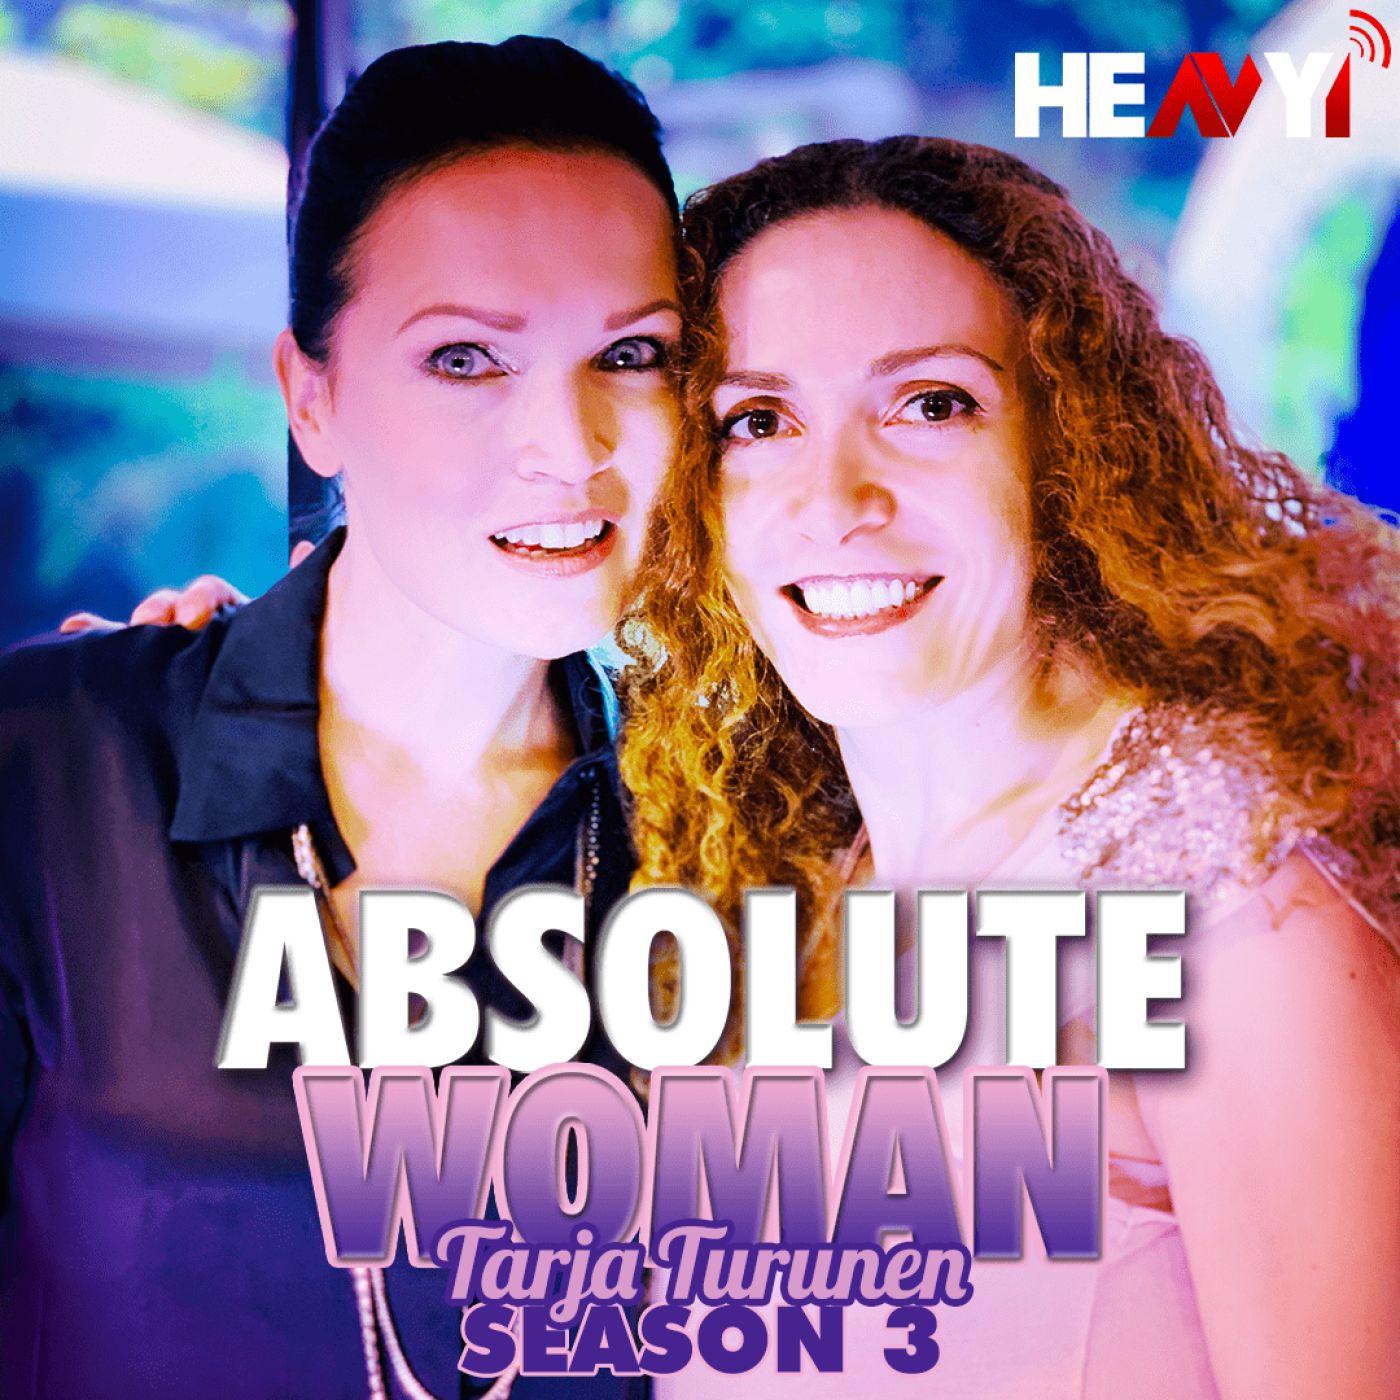 Absolute Woman : Tarja Turunen (Ep.1 Saison 3)